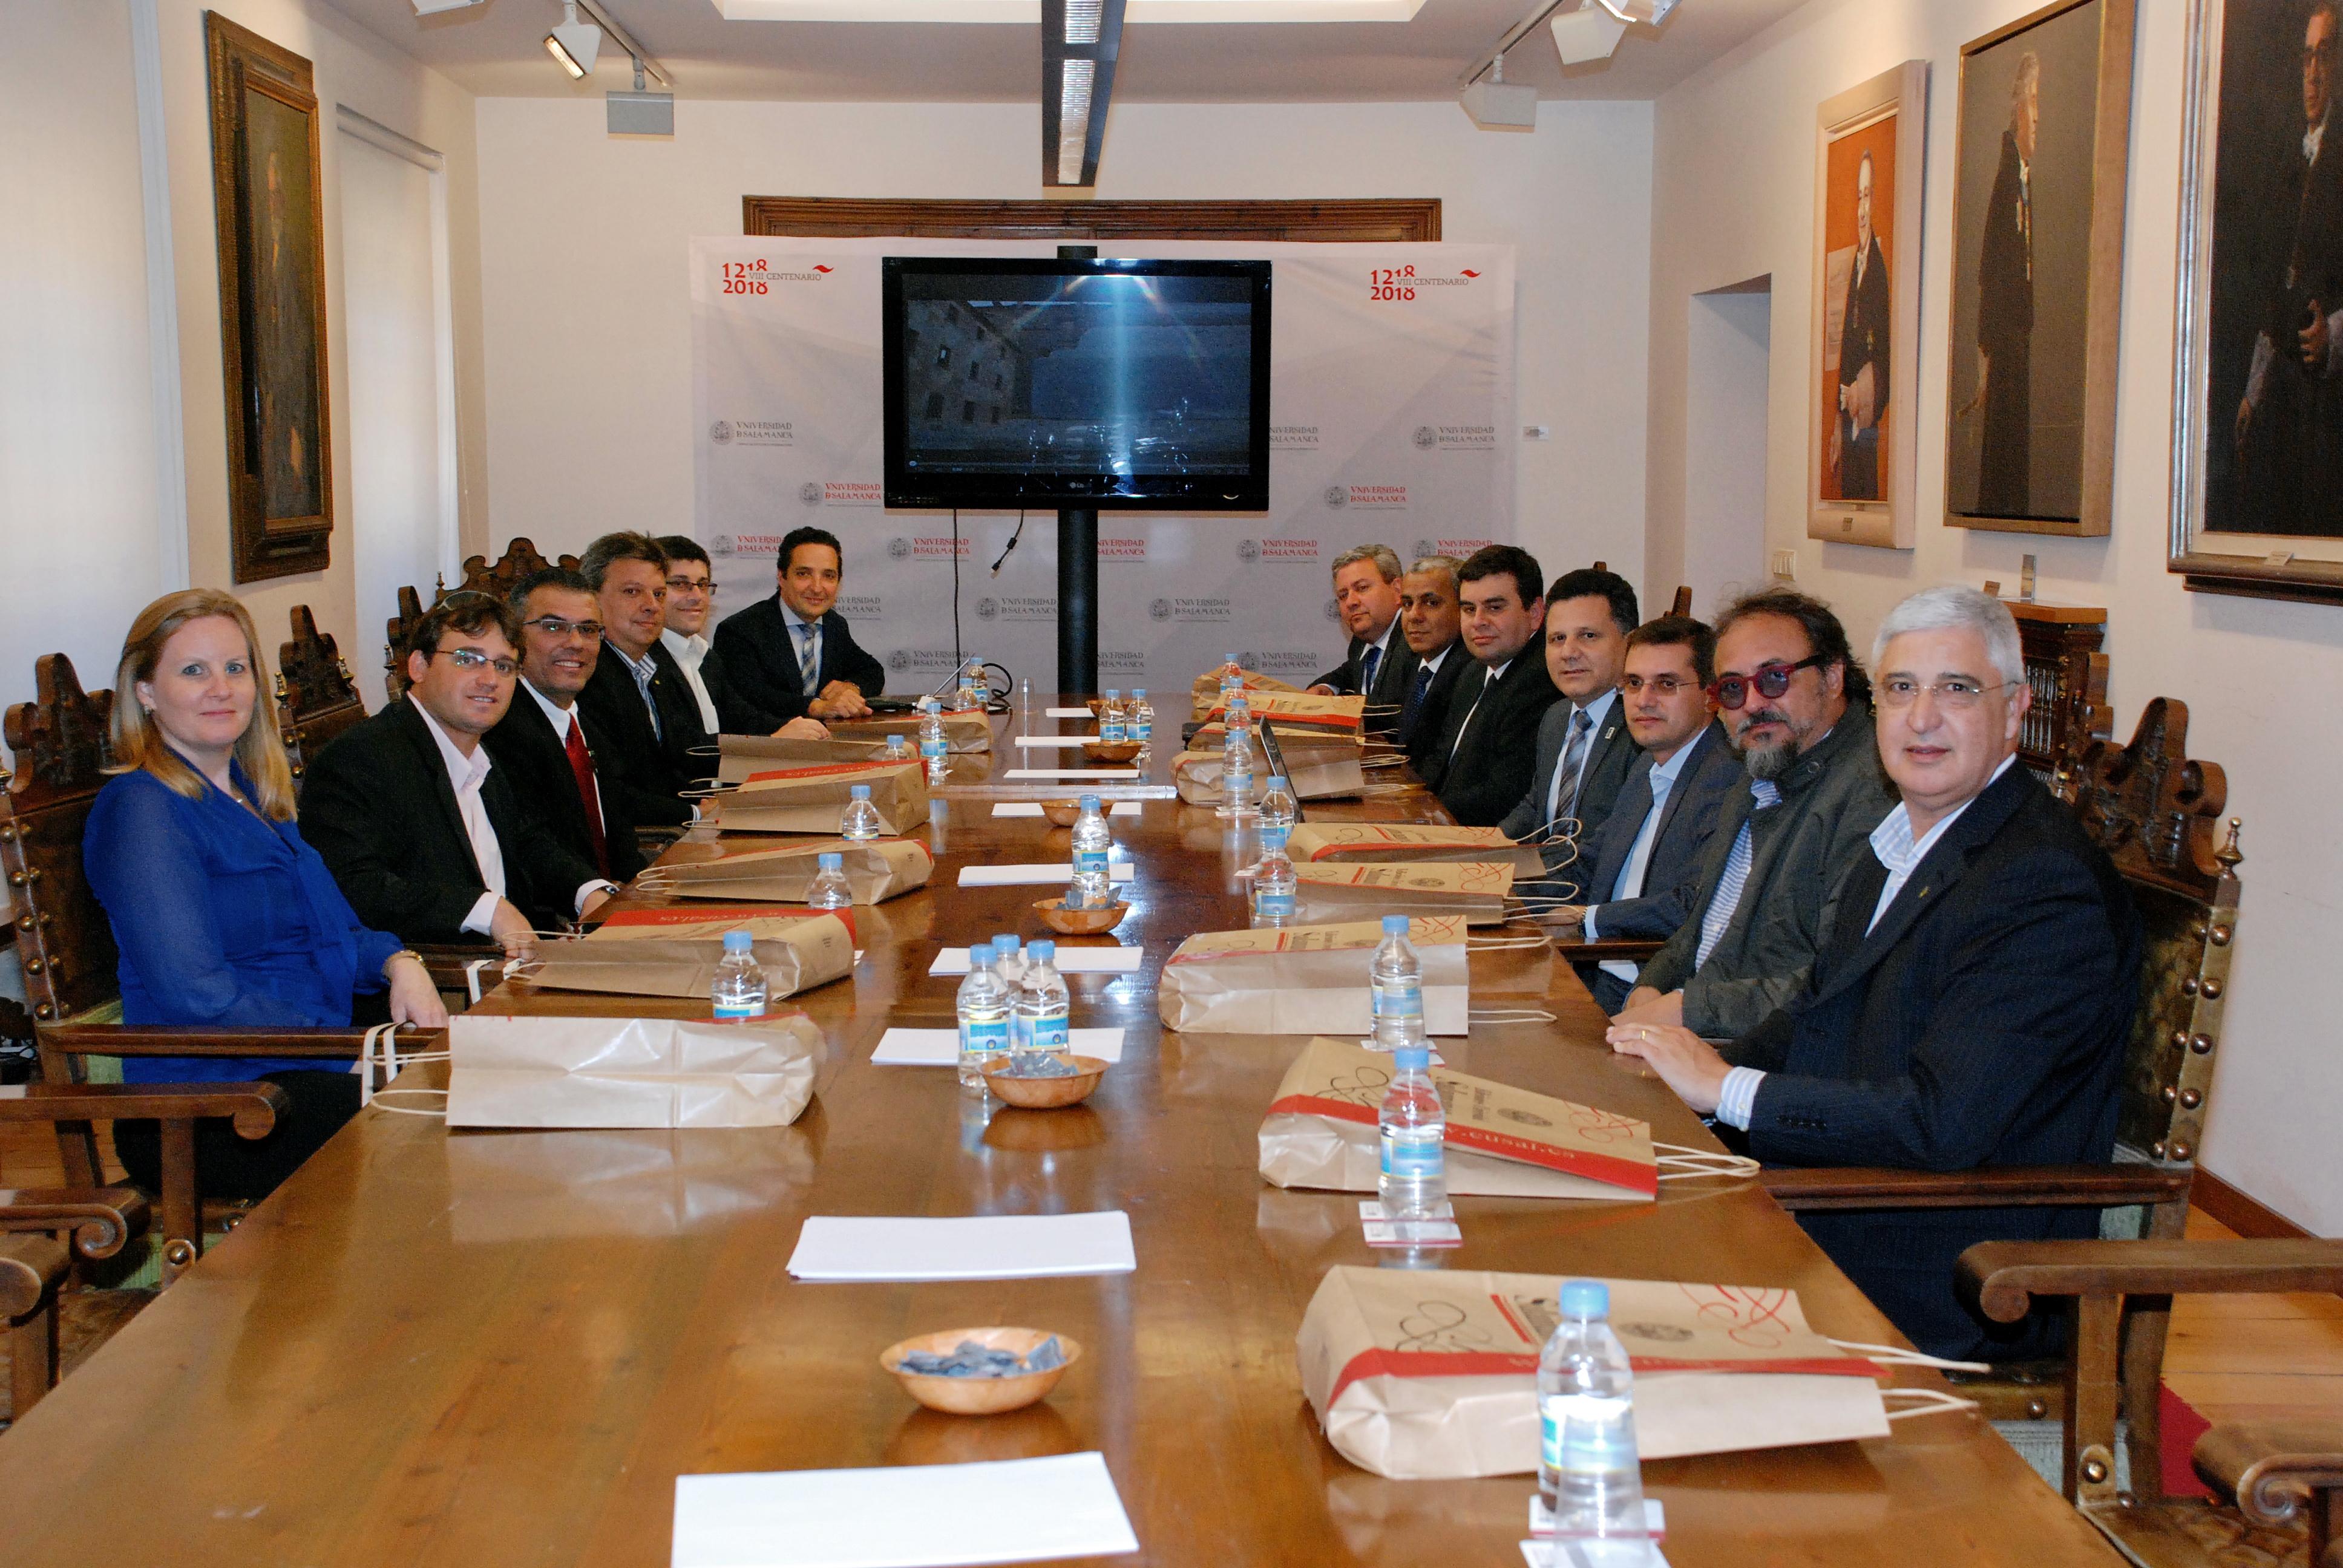 La Universidad de Salamanca ofrecerá formación de doctorado a estudiantes de más de 500 centros brasileños